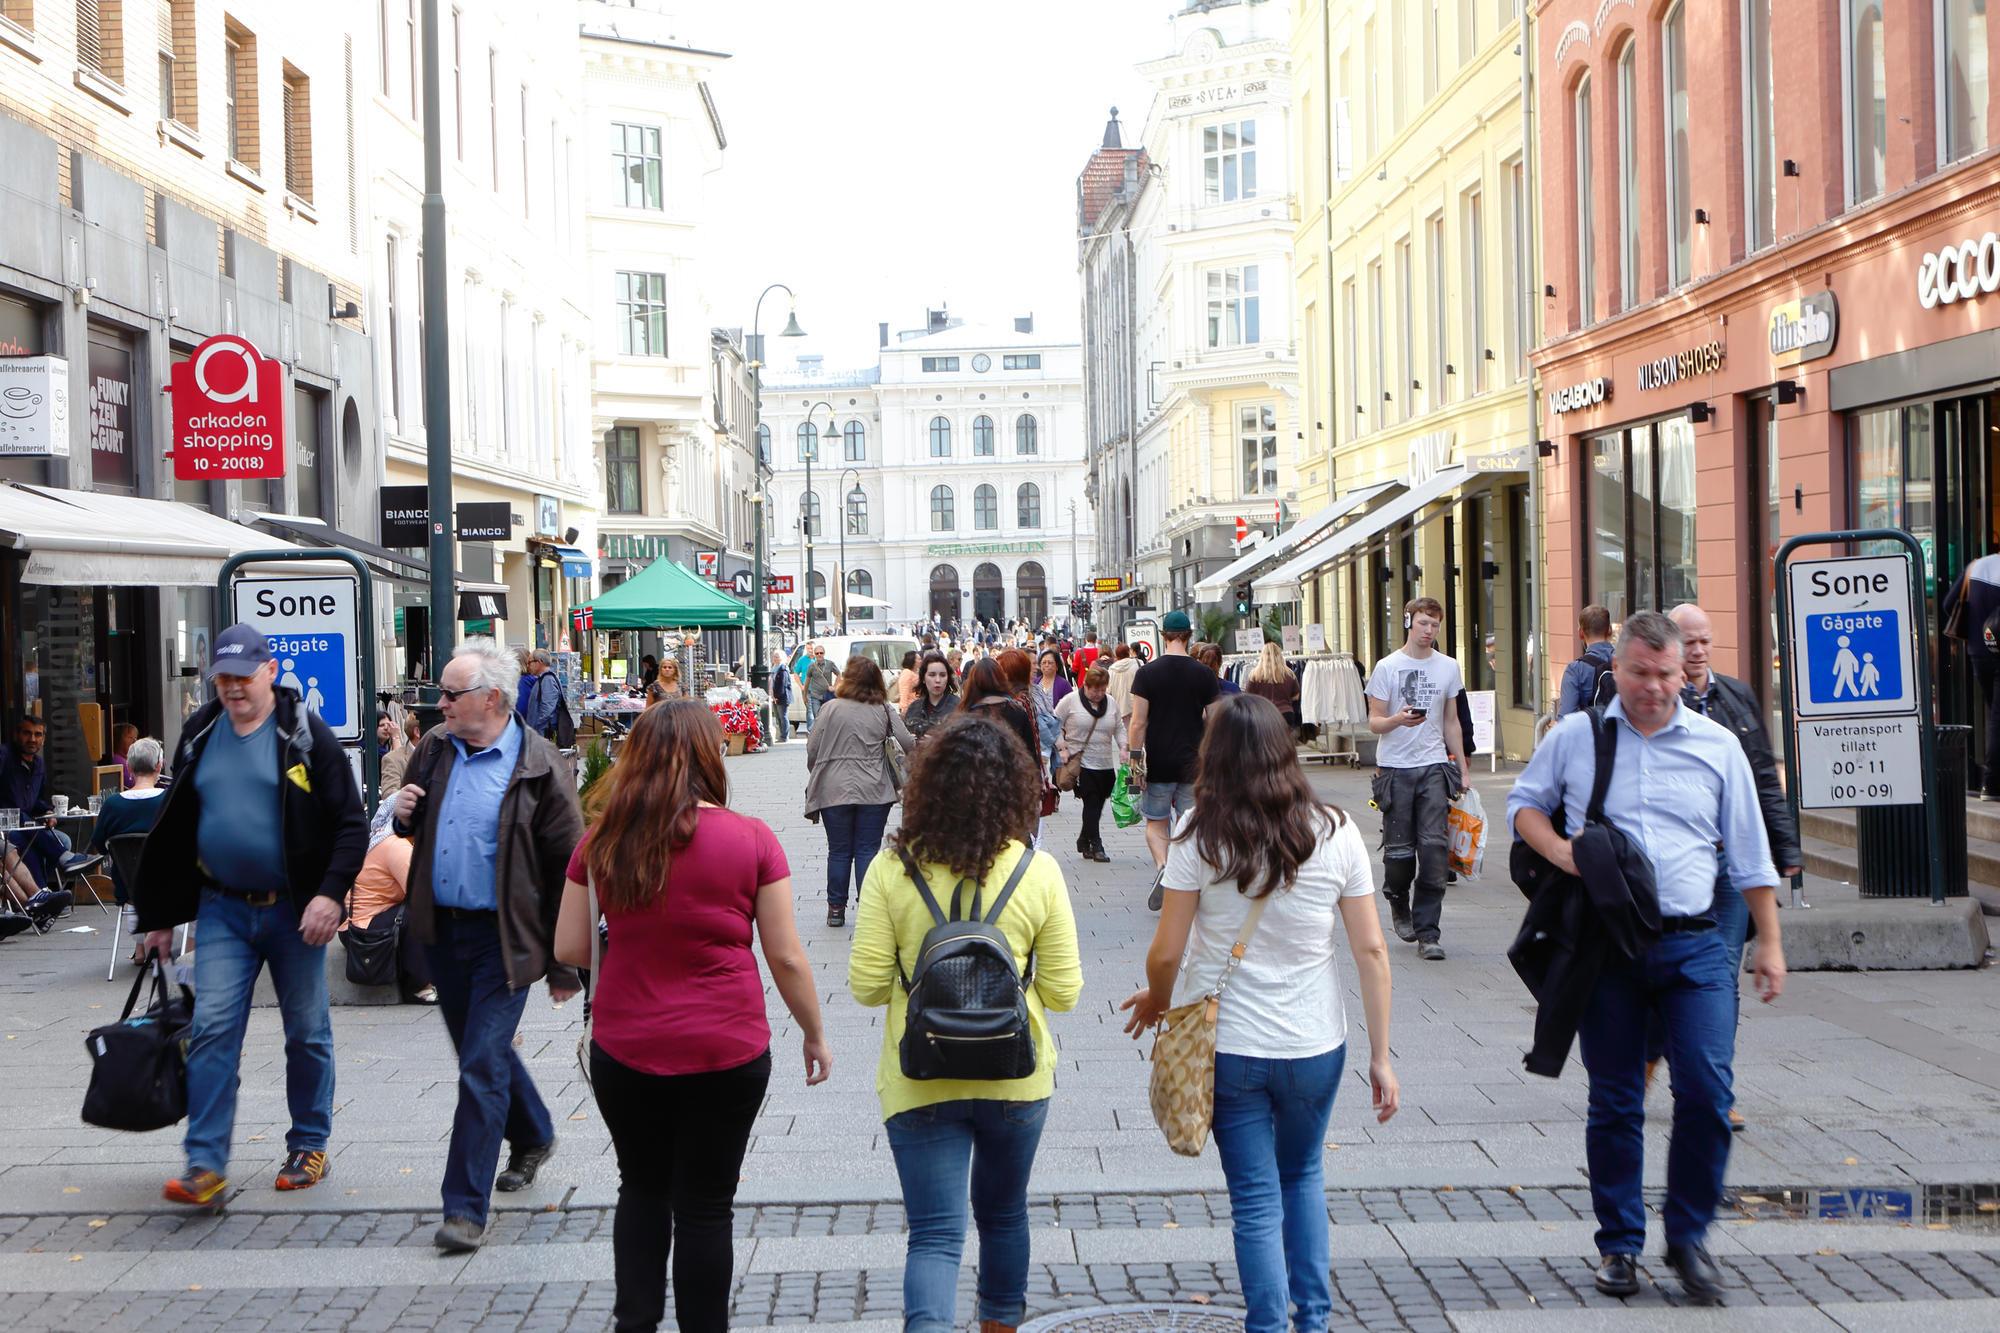 вулиця європейського міста